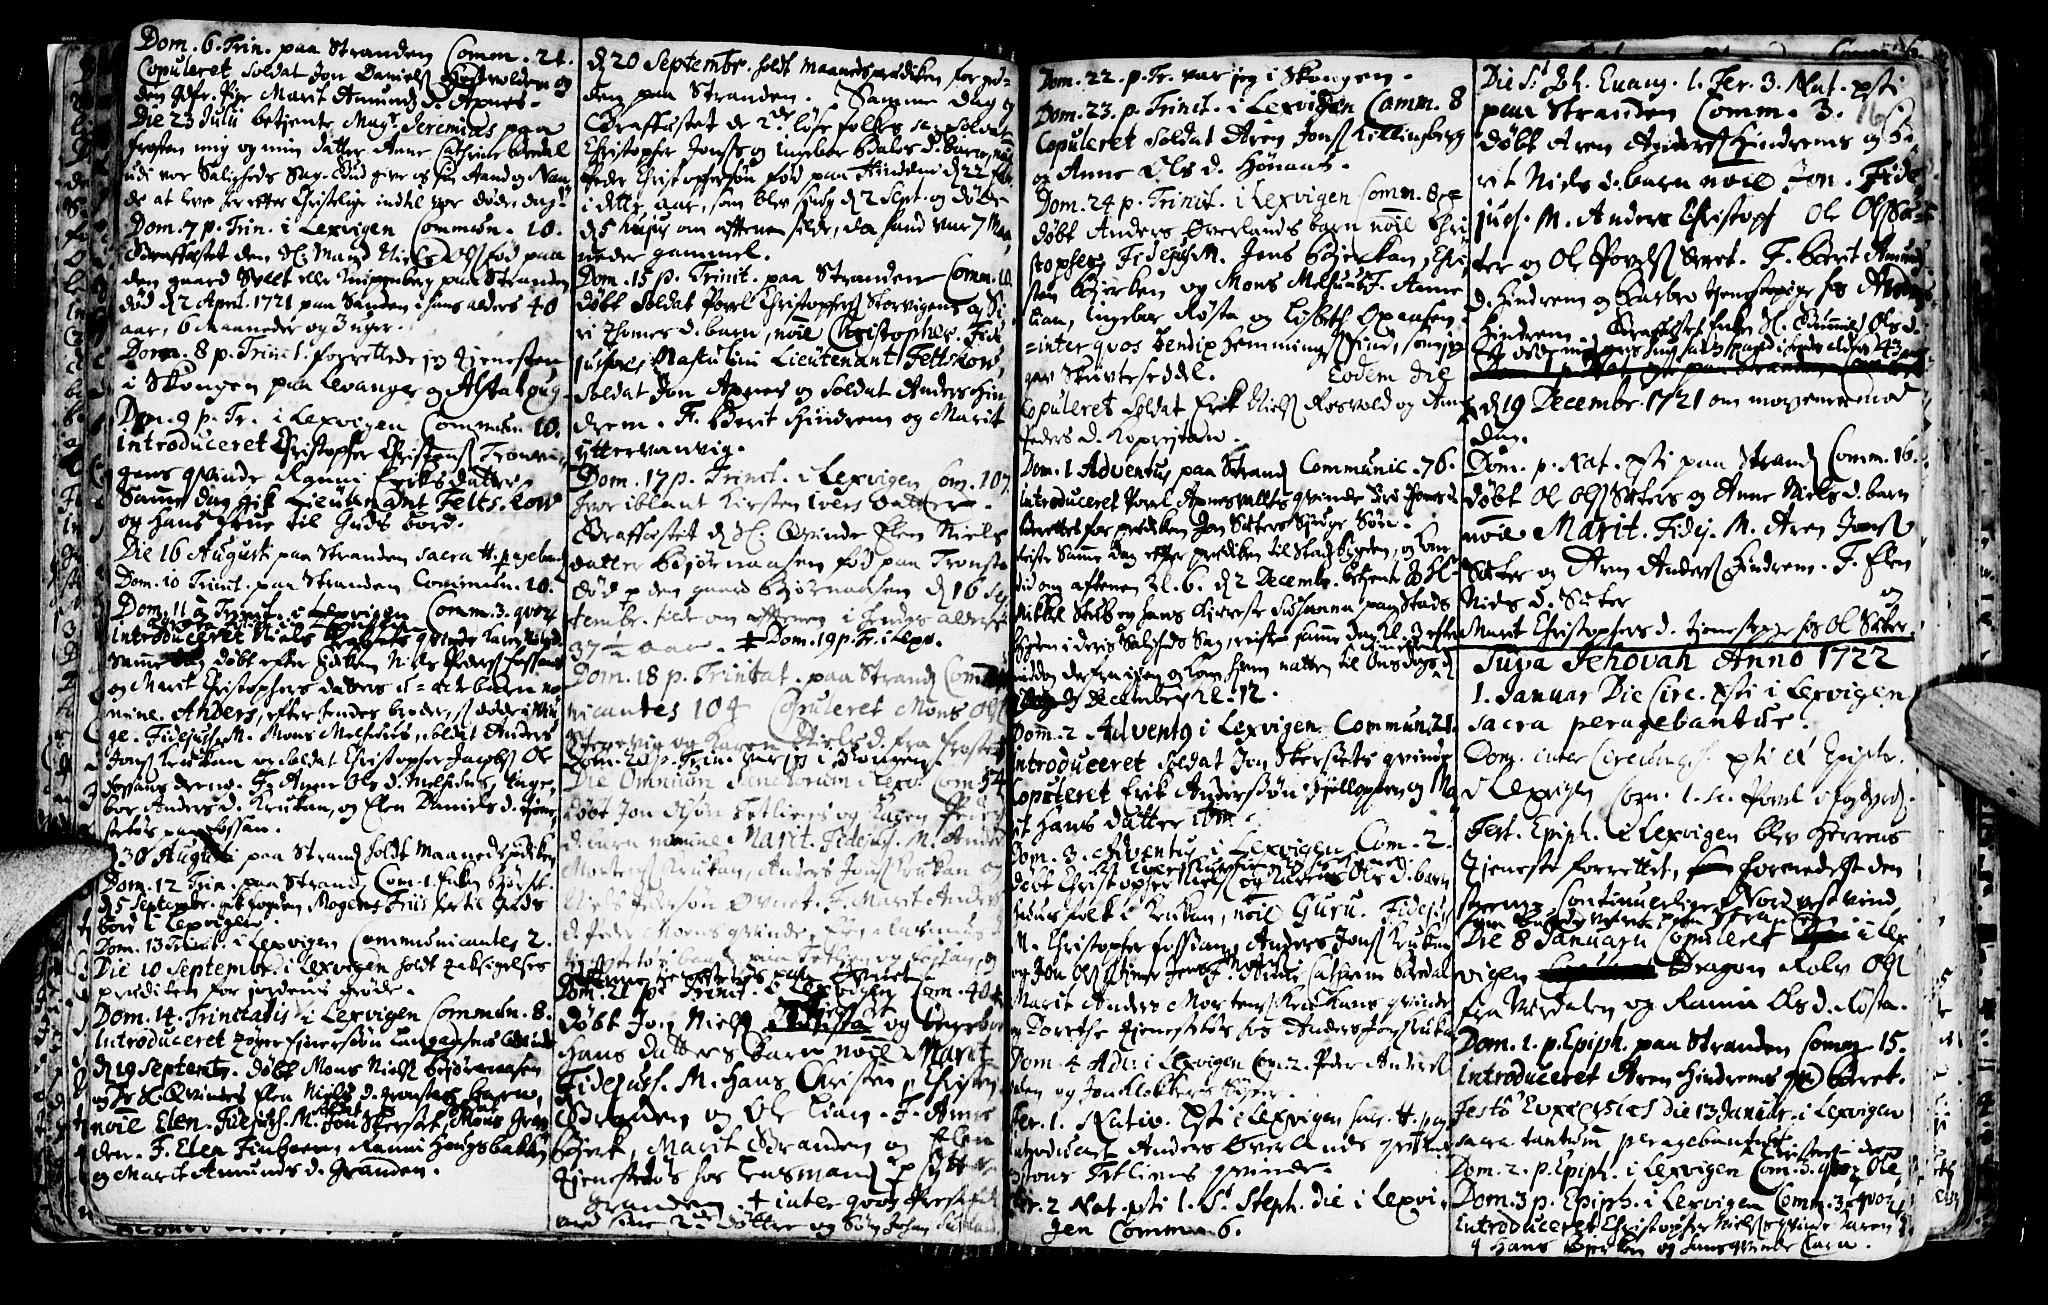 SAT, Ministerialprotokoller, klokkerbøker og fødselsregistre - Nord-Trøndelag, 701/L0001: Ministerialbok nr. 701A01, 1717-1731, s. 16